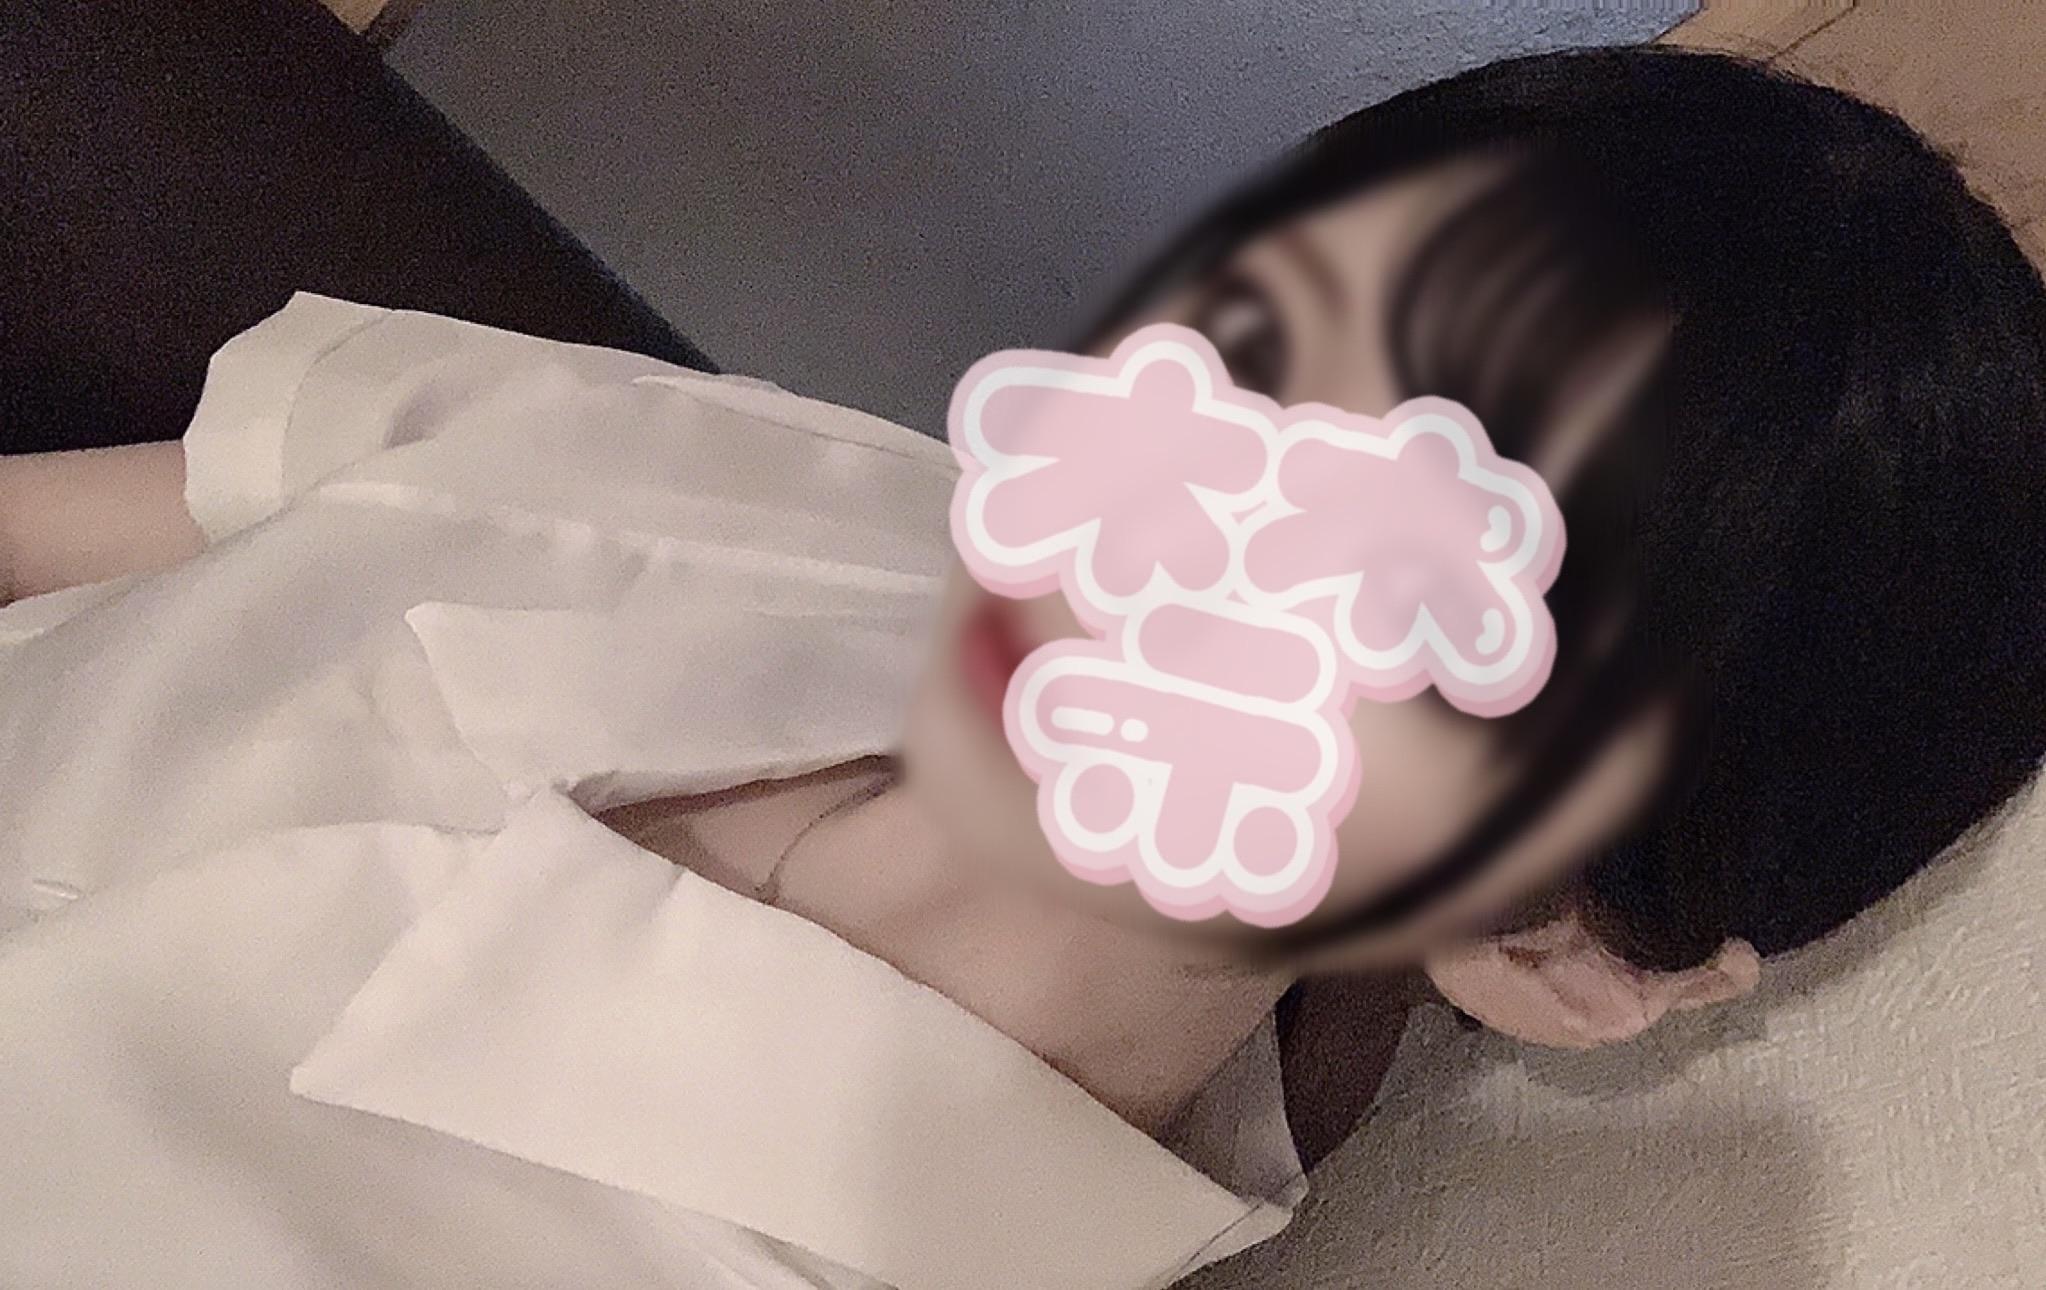 「お礼♡」02/28(日) 13:50 | 胡桃(くるみ)☆S-rankの写メ日記